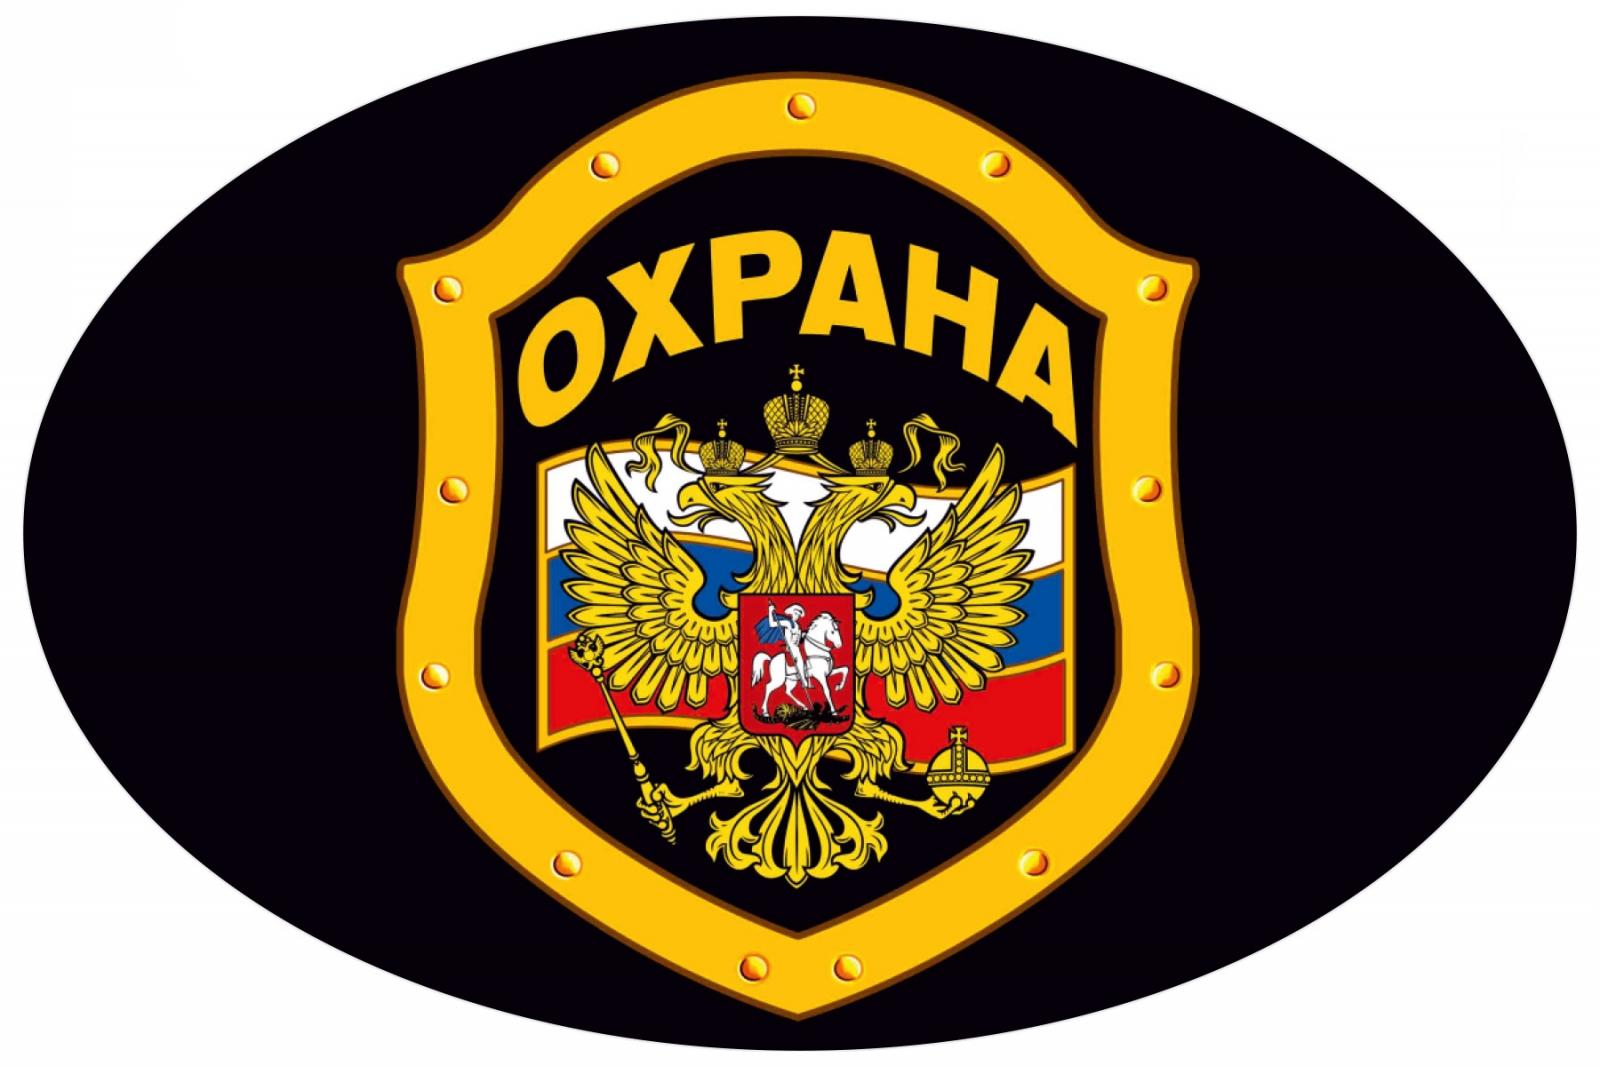 Автомобильная наклейка с жетоном Охраны